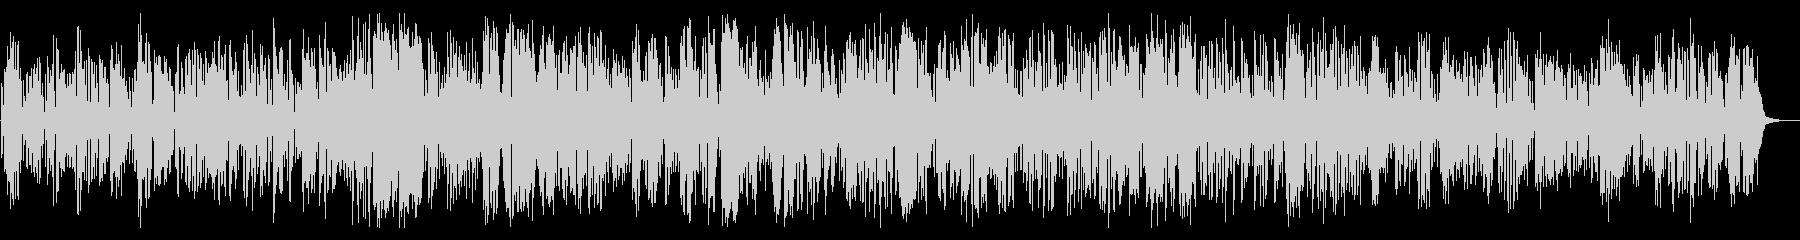 陽気なクラリネットメロディとジャズピアノの未再生の波形